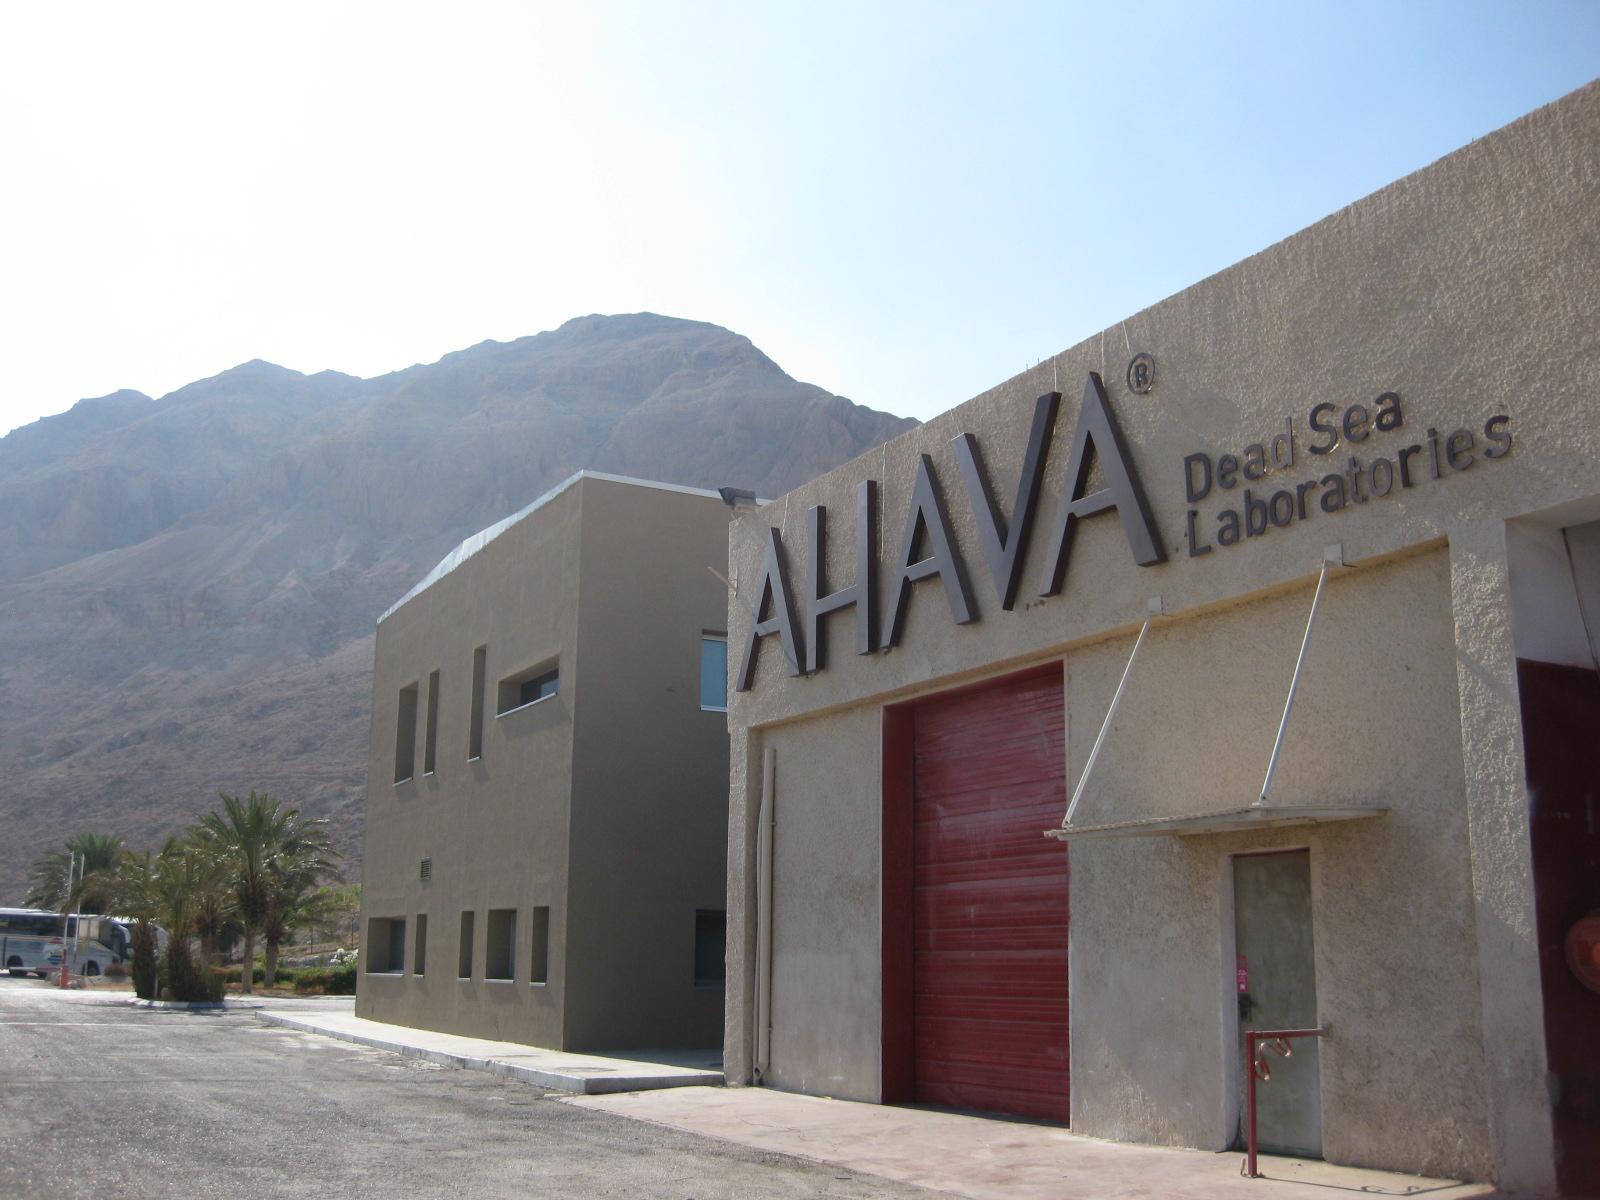 Ahava dead sea cosmetics factory.